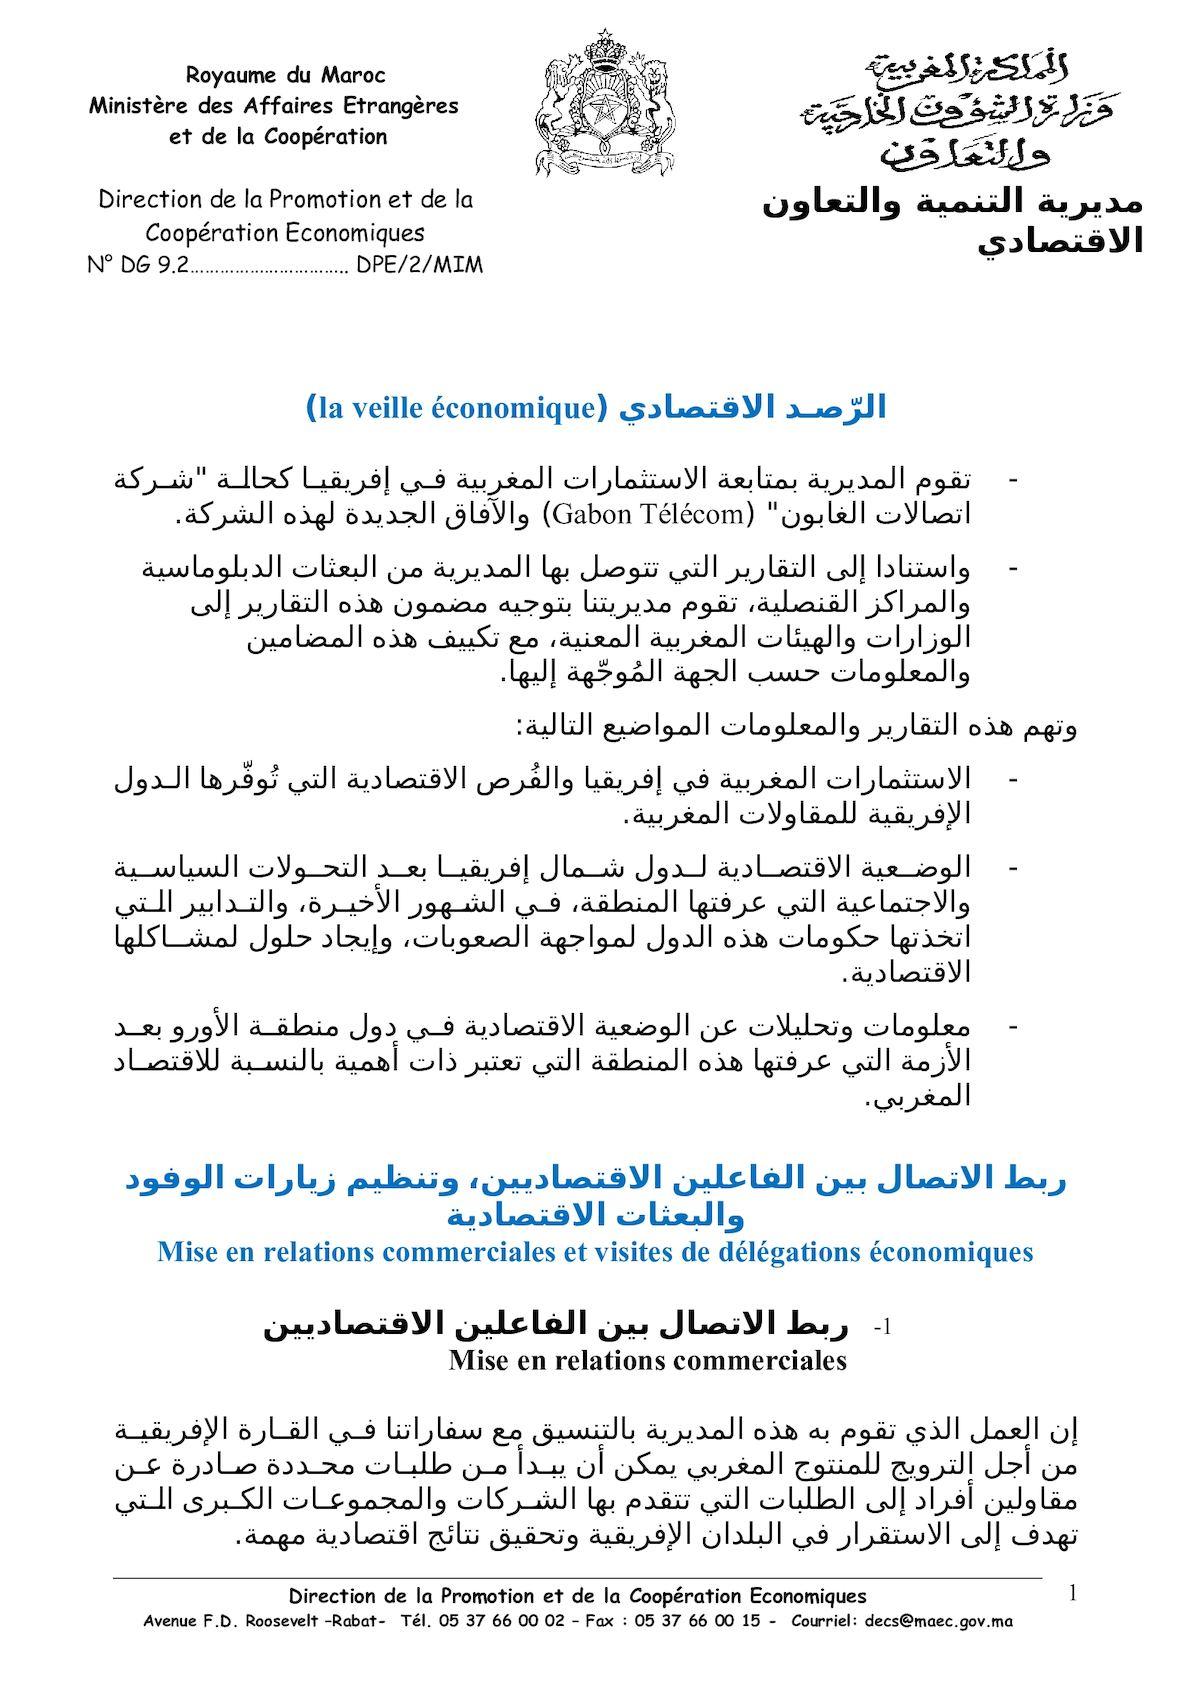 Version Intégrale En Arabe-  Réunion Ambassadeur En Afrique - Préparation Intervention Sur Actions DPE